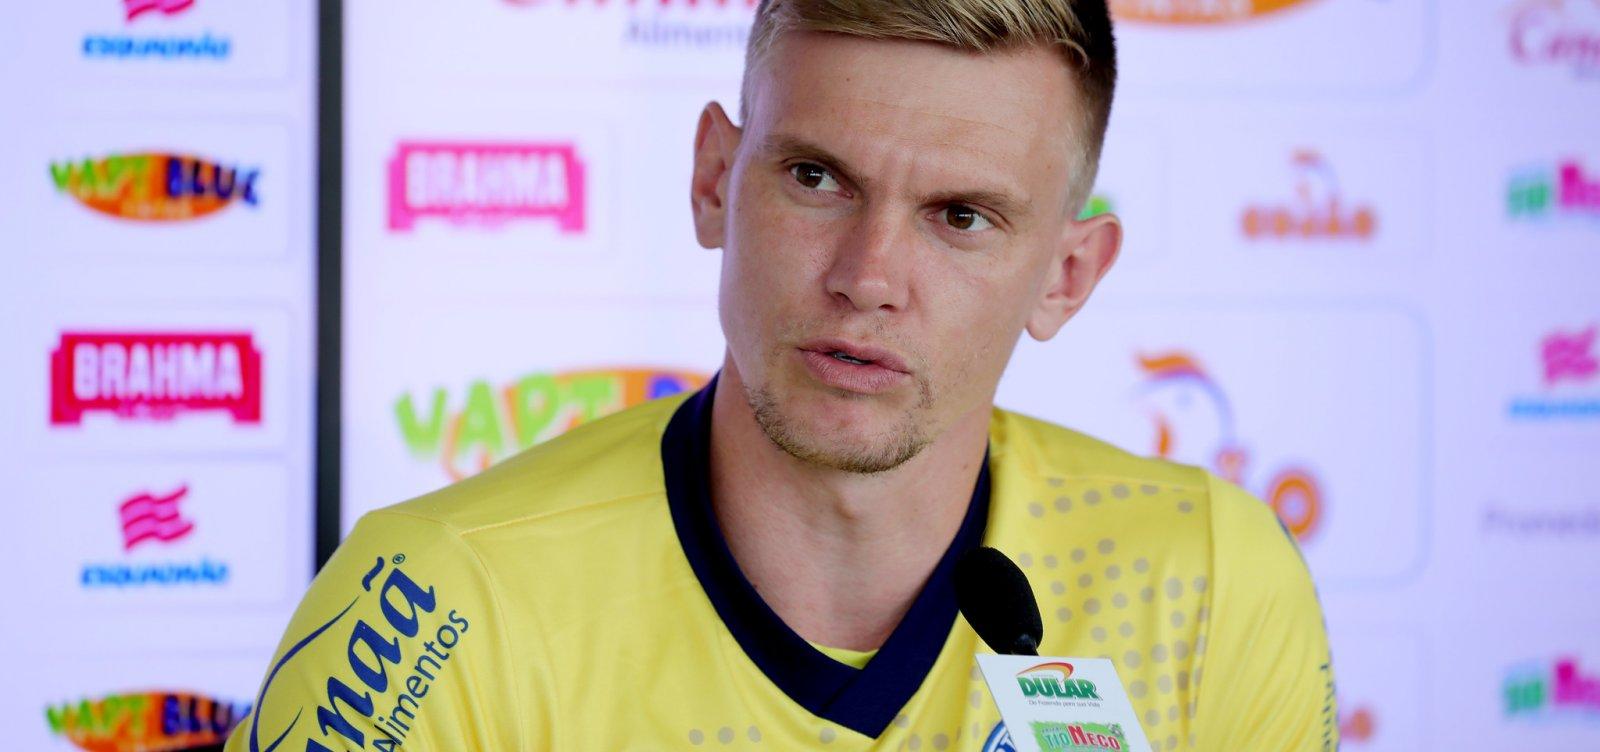 [Douglas lamenta empate com o Palmeiras: 'Infelizmente não conseguimos o triunfo']